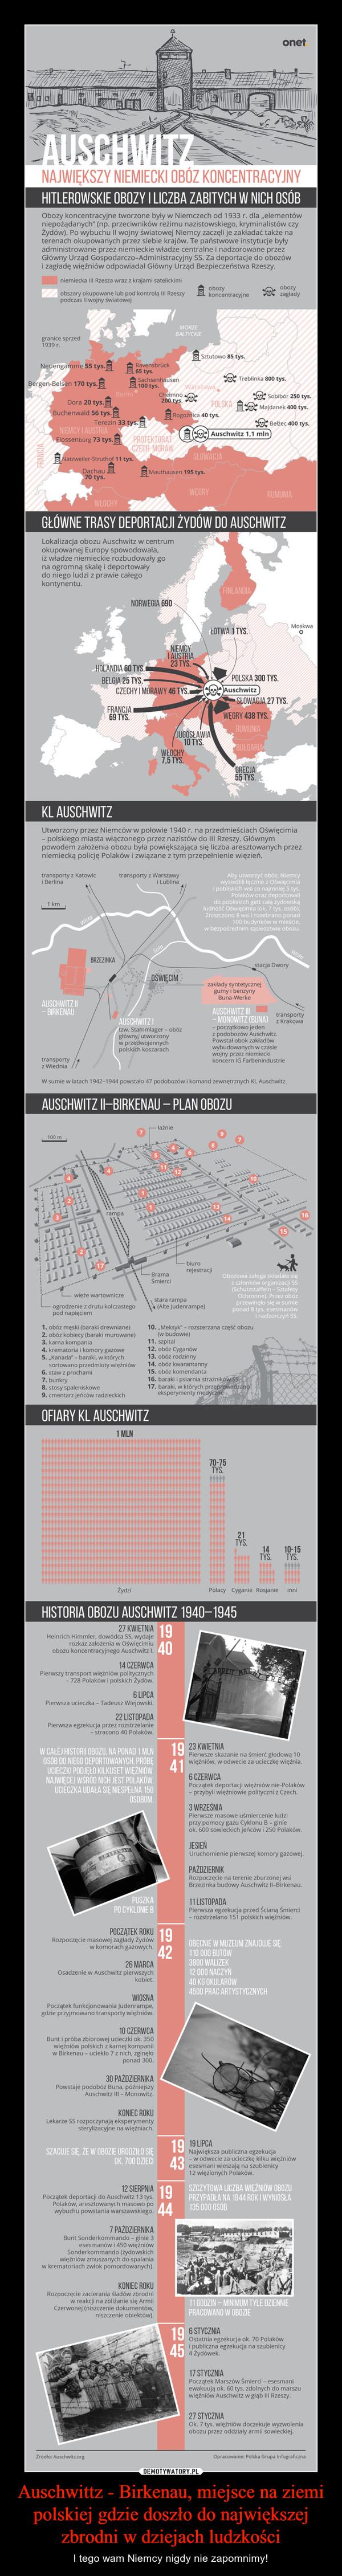 """Auschwittz - Birkenau, miejsce na ziemi polskiej gdzie doszło do największej zbrodni w dziejach ludzkości – I tego wam Niemcy nigdy nie zapomnimy! NAJWIĘKSZY NIEMIECKI OBÓZ KONCENTRACYJNYHITLEROWSKIE OBOZY I LICZBA ZABITYCH W NICH OSÓBObozy koncentracyjne tworzone były w Niemczech od 1933 r. dla """"elementówniepożądanych"""" (np. przeciwników reżimu nazistowskiego, kryminalistów czyŻydów). Po wybuchu II wojny światowej Niemcy zaczęli je zakładać także naterenach okupowanych przez siebie krajów. Te państwowe instytucje byłyadministrowane przez niemieckie władze centralne i nadzorowane przezGłówny Urząd Gospodarczo-Administracyjny SS. Za deportacje do obozówi zagładę więźniów odpowiadał Główny Urząd Bezpieczeństwa Rzeszy.niemiecka III Rzesza wraz z krajami satelickimiobszary okupowane lub pod kontrolą III Rzeszypodczas II wojny światowej obozy koncentracyjneobozyzagładygranice sprzed1939 r.Neuengamme 55 tys. RavensbrOckBorgen-Gelsen 170 tys.""""Dora 20 tys.J^Sztutowo 85 tys.Treblinka 800 tys.& Rogoźnica 40 tys.Sobibór 250 tys.Majdanek 400 tys.Buchenwald 56 tys.Rogoźnica40tys.Terezin 33 tysBełżec400tys^Auschwitz 1,1 min) NatzweilerStruthof 11 tys.Dachau i Mauthausen195tys.70 tys.GŁÓWNE TRASY DEPORTACJI ŻYDÓW DO AUSCHWITZŁOTWA 1 TYS.POLSKA 300 TYS.^MAuschwitz)SŁOWACJA 27 TYS.I^WĘGRY 438 TYS.\CZECHY I MORAWY 46 TYS.Lokalizacja obozu Auschwitz w centrumokupowanej Europy spowodowała,iż władze niemieckie rozbudowały gona ogromną skalę i deportowałydo niego ludzi z prawie całegokontynentu.MoskwaKL AUSCHWITZUtworzony przez Niemców w połowie 1940 r. na przedmieściach Oświęcimia- polskiego miasta włączonego przez nazistów do III Rzeszy. Głównympowodem założenia obozu była powiększająca się liczba aresztowanych przezniemiecką policję Polaków i związane z tym przepełnienie więzień.transporty z Katowici Berlinatransporty z Warszawyi Lublinawysiedlili Licznie z Oświęcimiai pobliskich wsi co najmniej 5 tys.Polaków oraz deportowalido pobliskich gett całą żydowskąludność Oświęcimia (ok. 7 tys"""